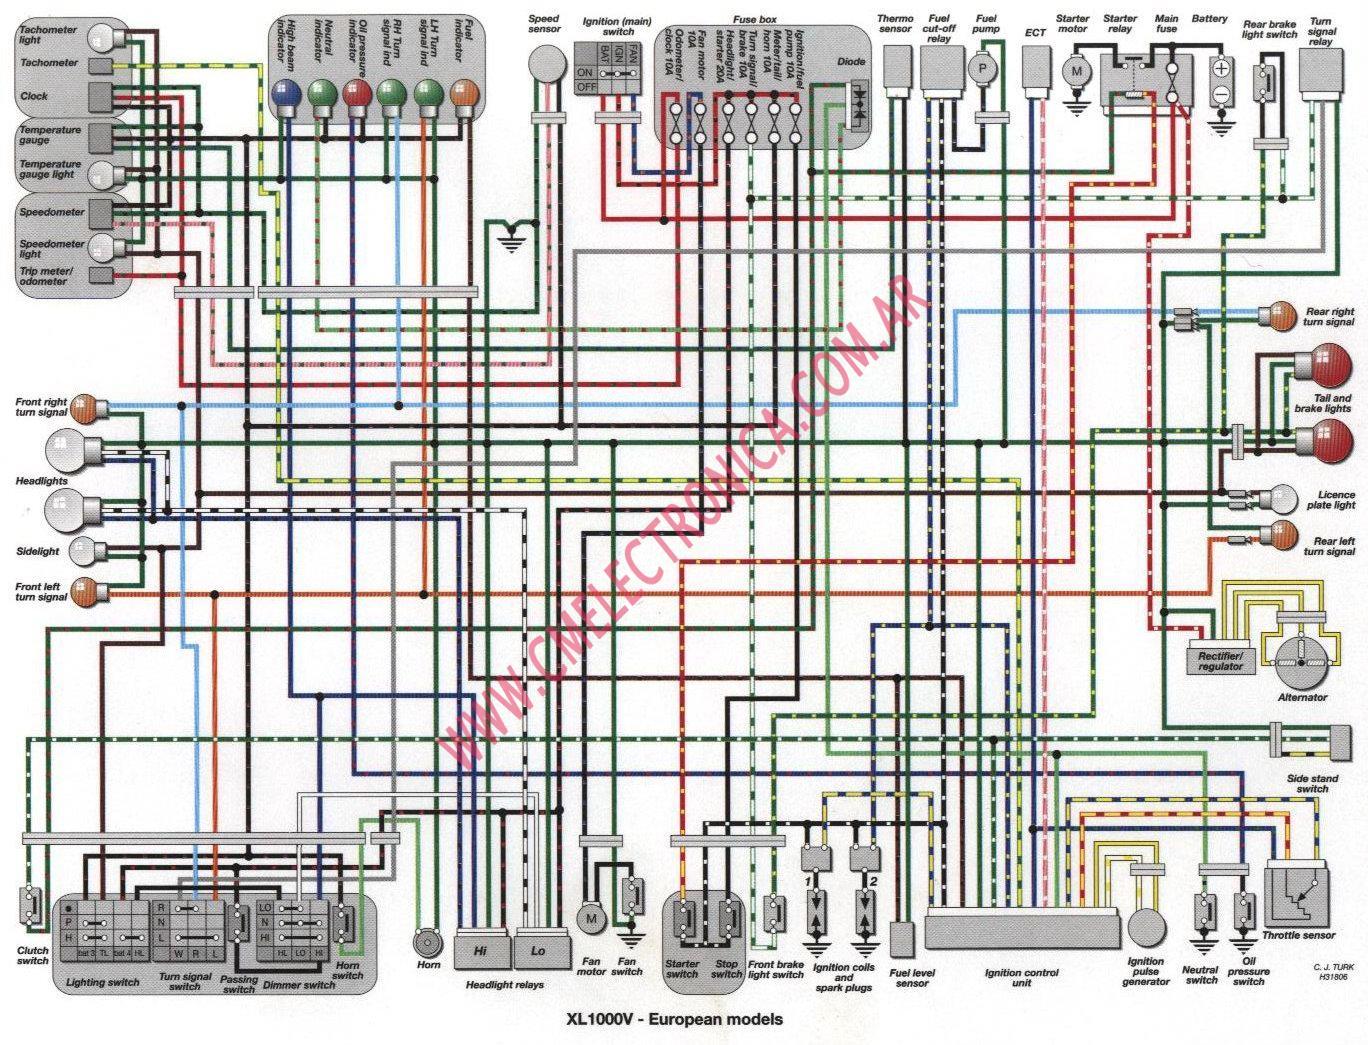 yamaha virago 250 wiring diagram subaru forester stereo diagrama honda varadero xl1000v 1997 2000